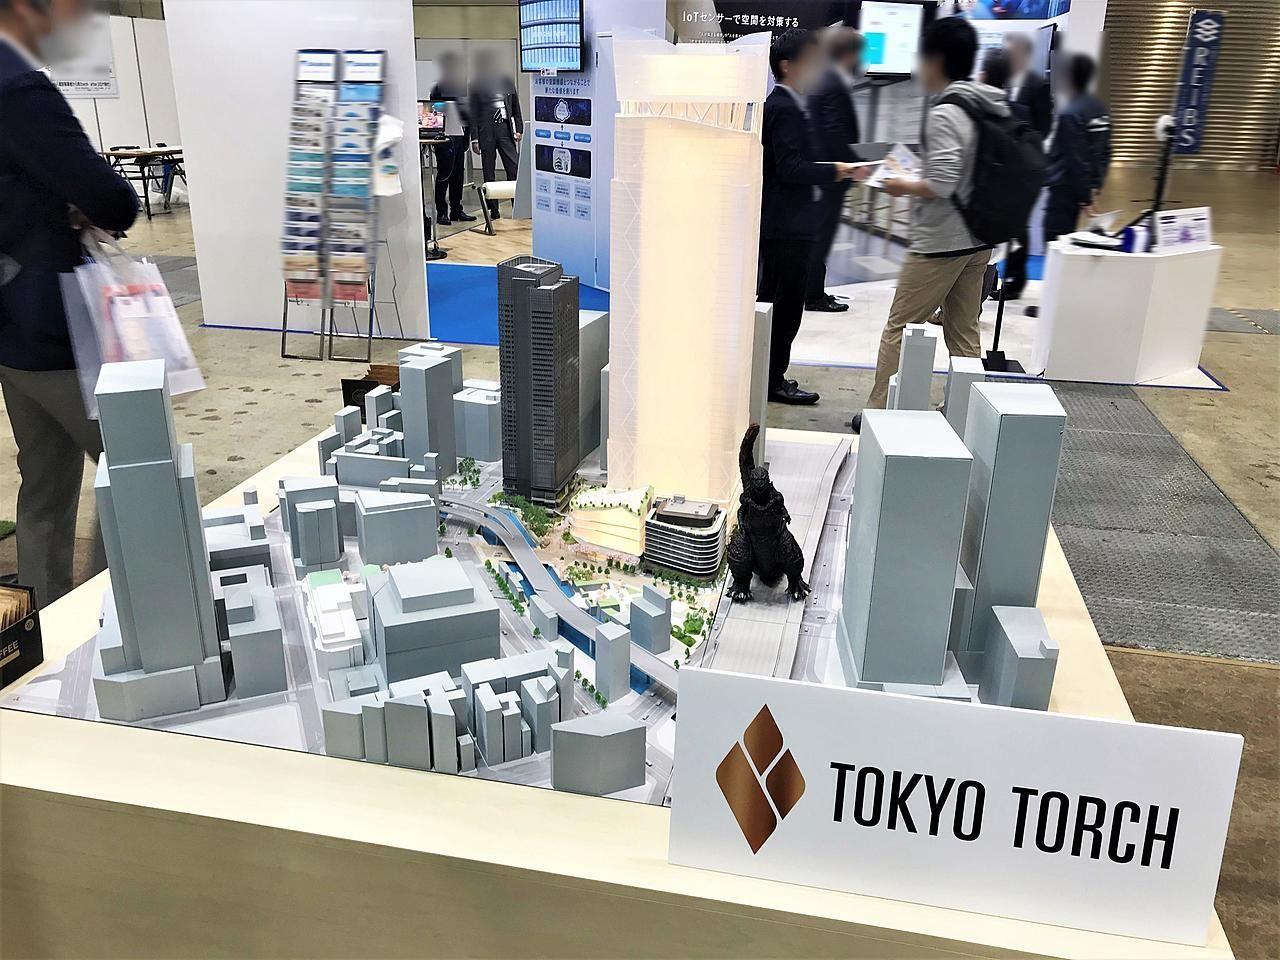 TOKYO TORCH ジオラマ(2020年11月13日、不動産ソリューションフェア 三菱地所ブースにて)